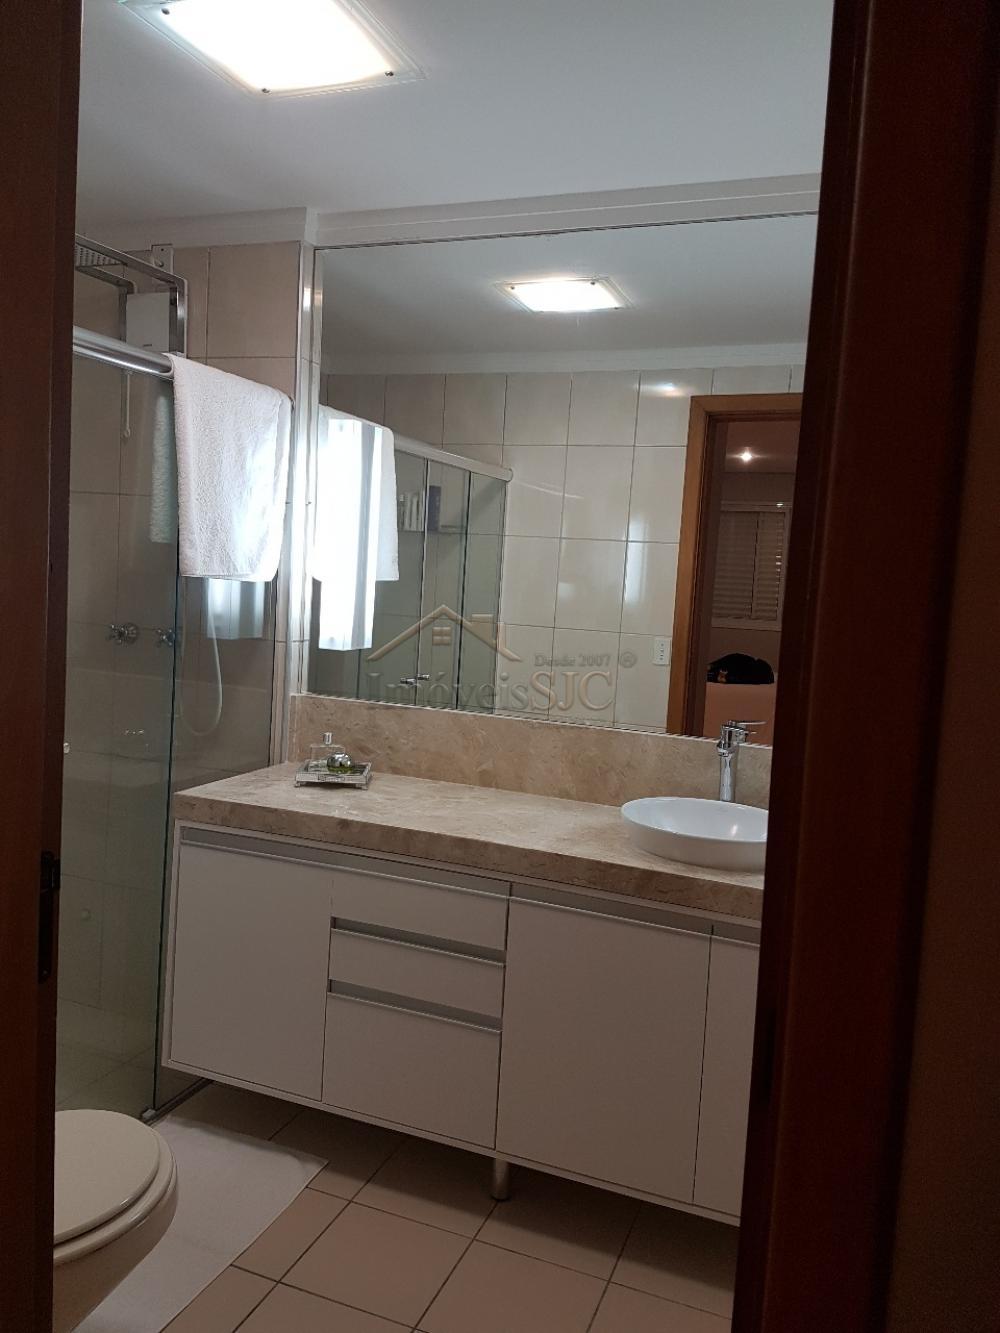 Comprar Apartamentos / Padrão em São José dos Campos apenas R$ 645.000,00 - Foto 10